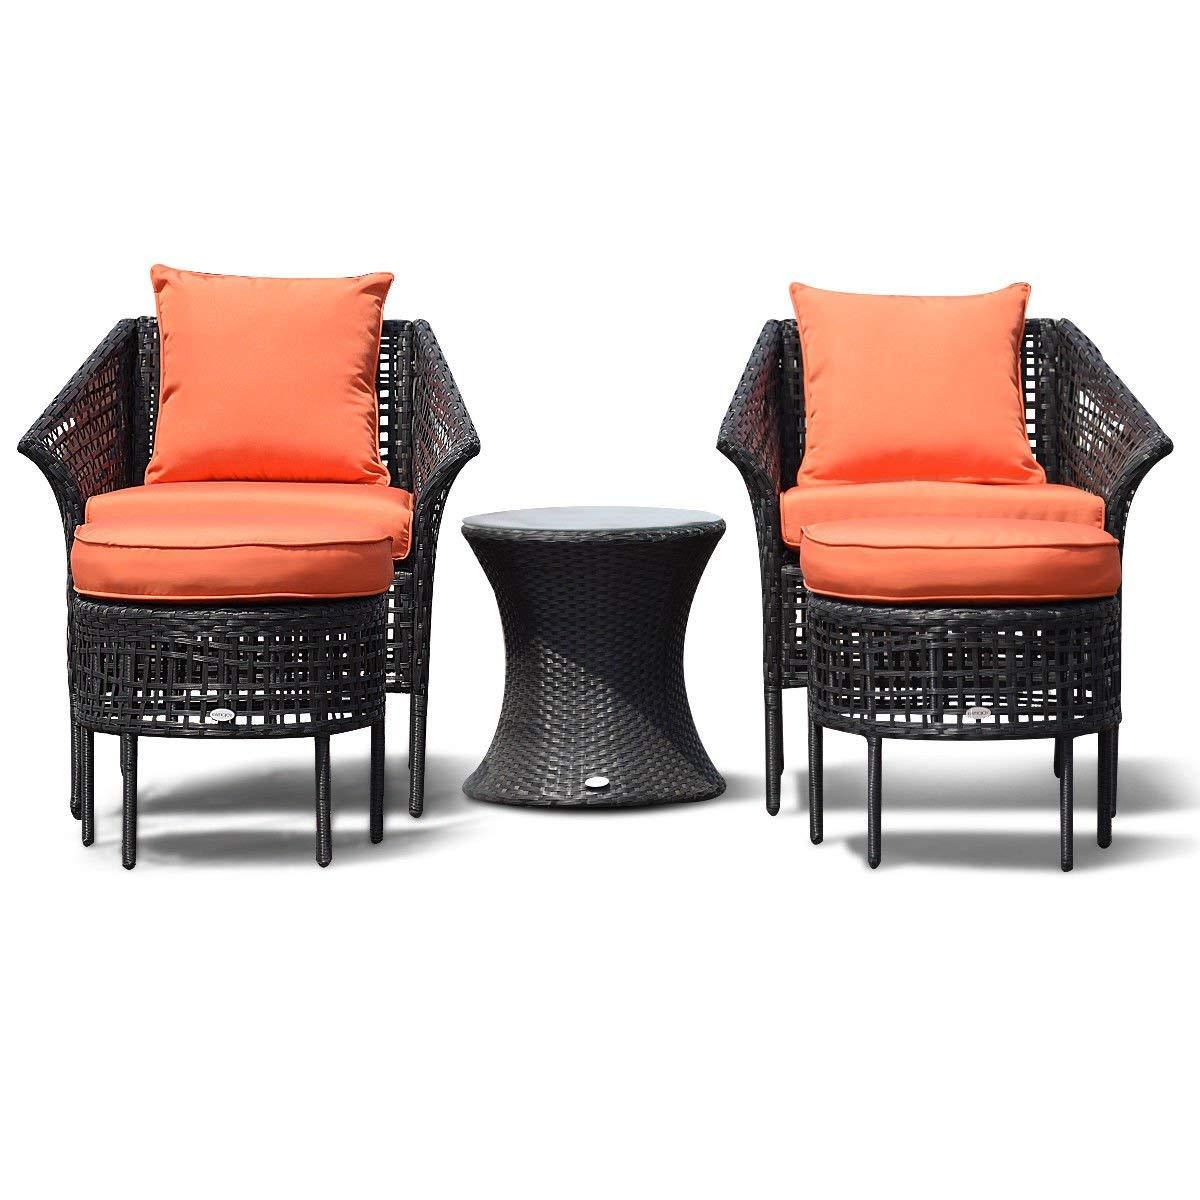 Get Quotations Kchex 5 Pcs Furniture Dining Sets Leisure Set Patio Rattan Seats Table Ottoman Orange